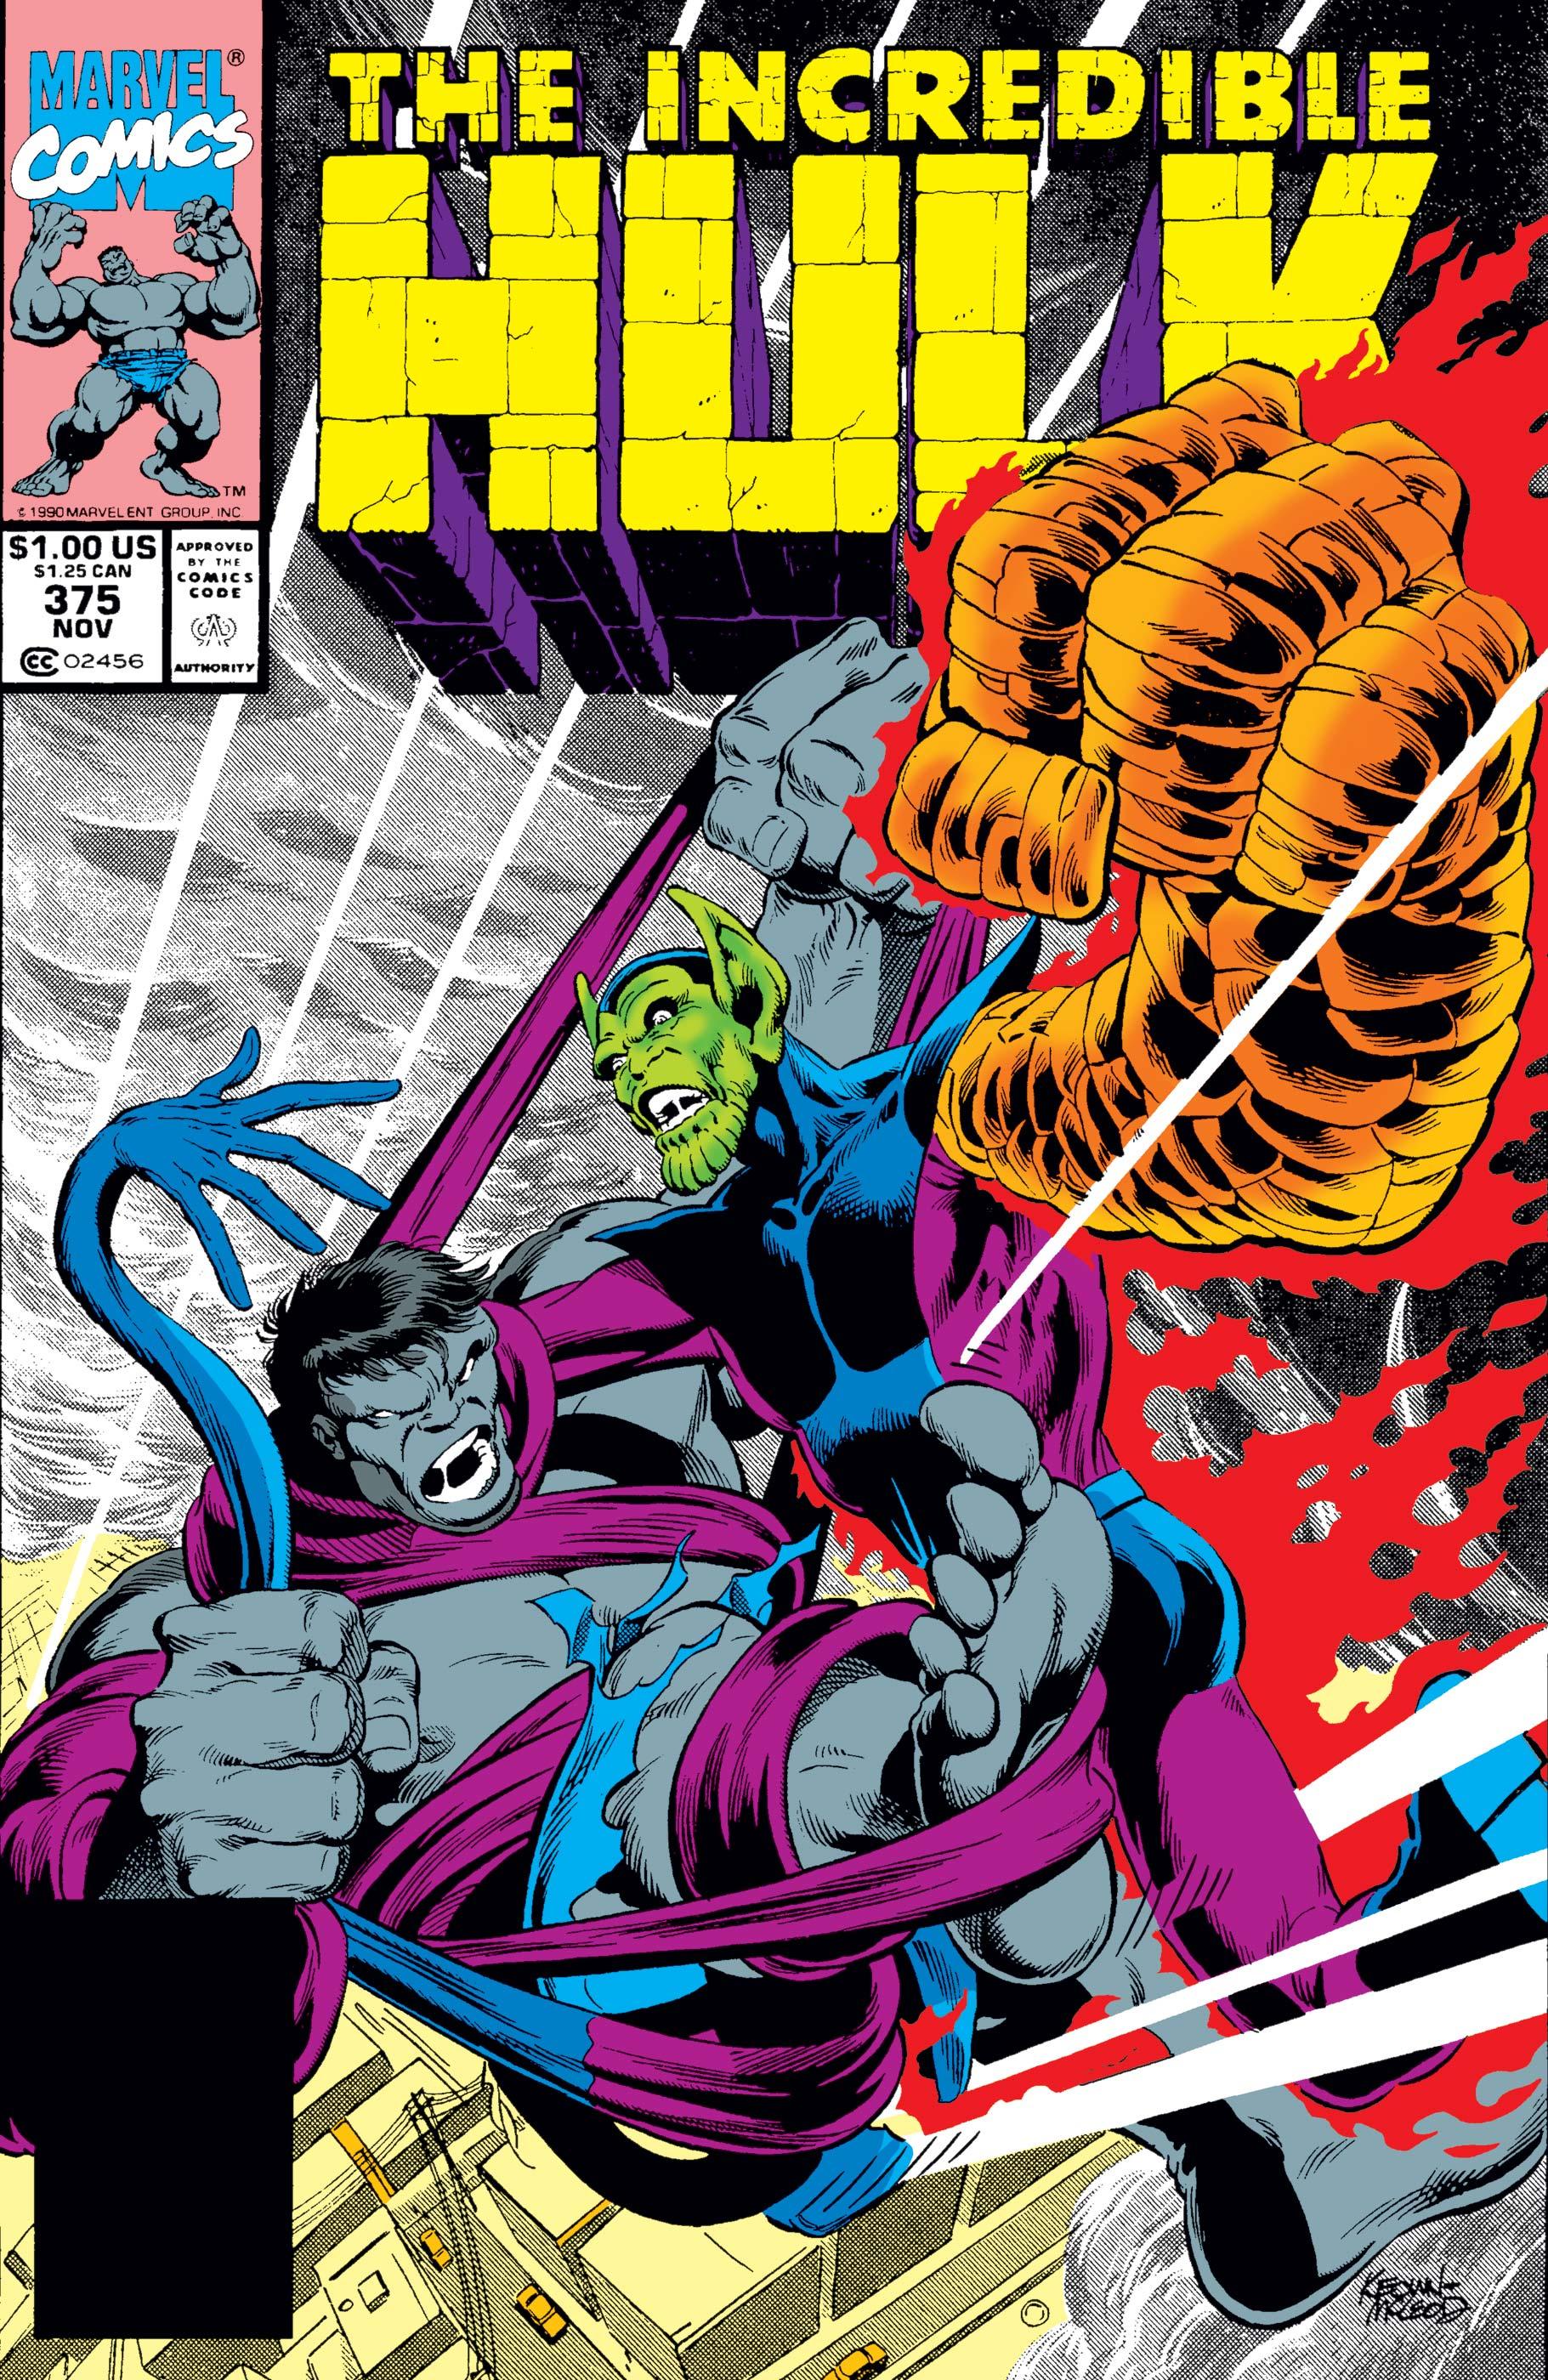 Incredible Hulk (1962) #375